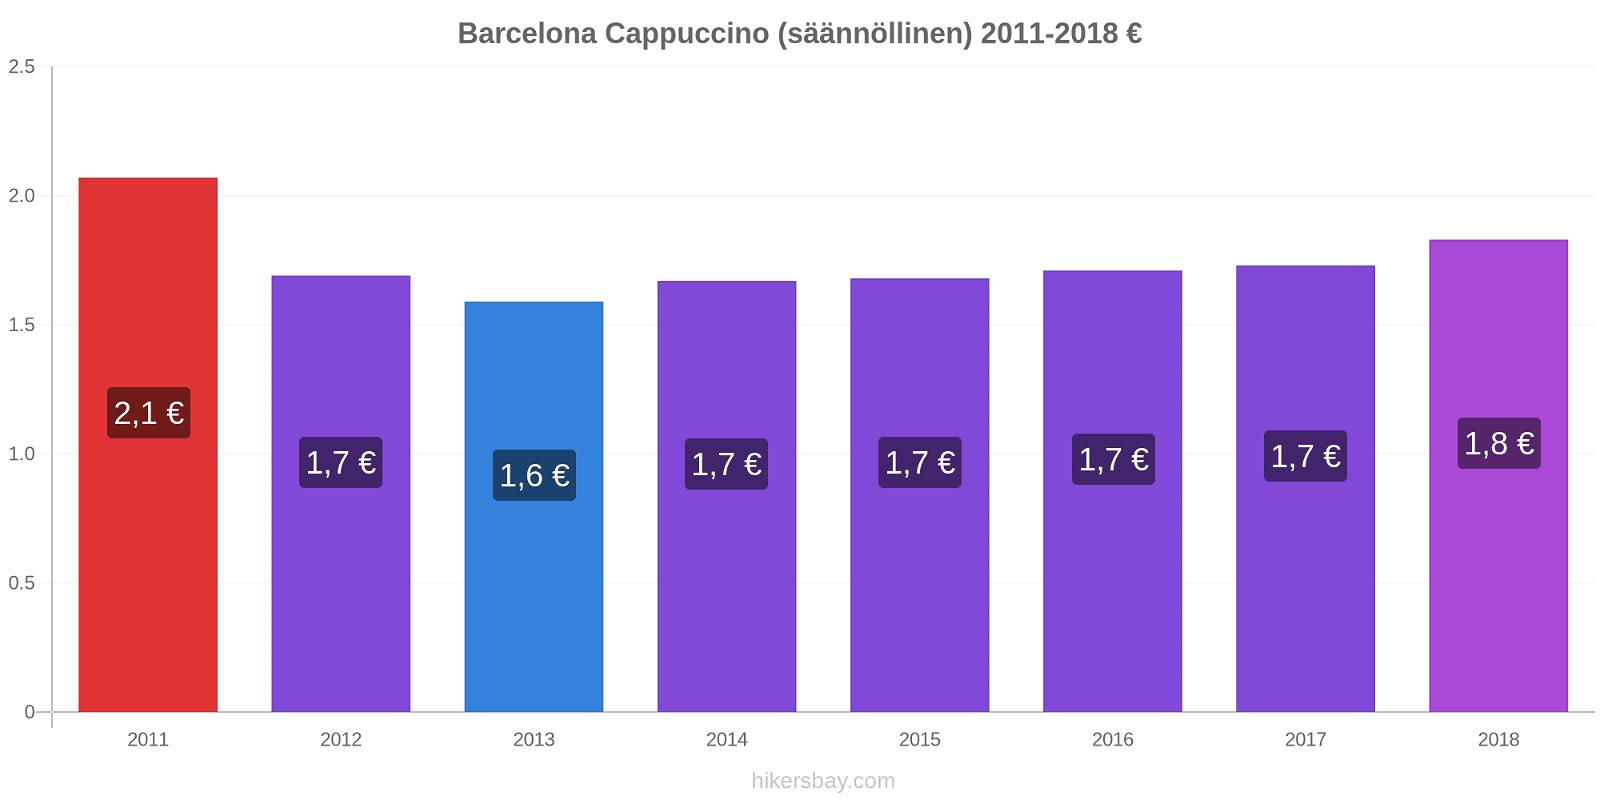 Barcelona hintojen muutokset Cappuccino (säännöllinen) hikersbay.com